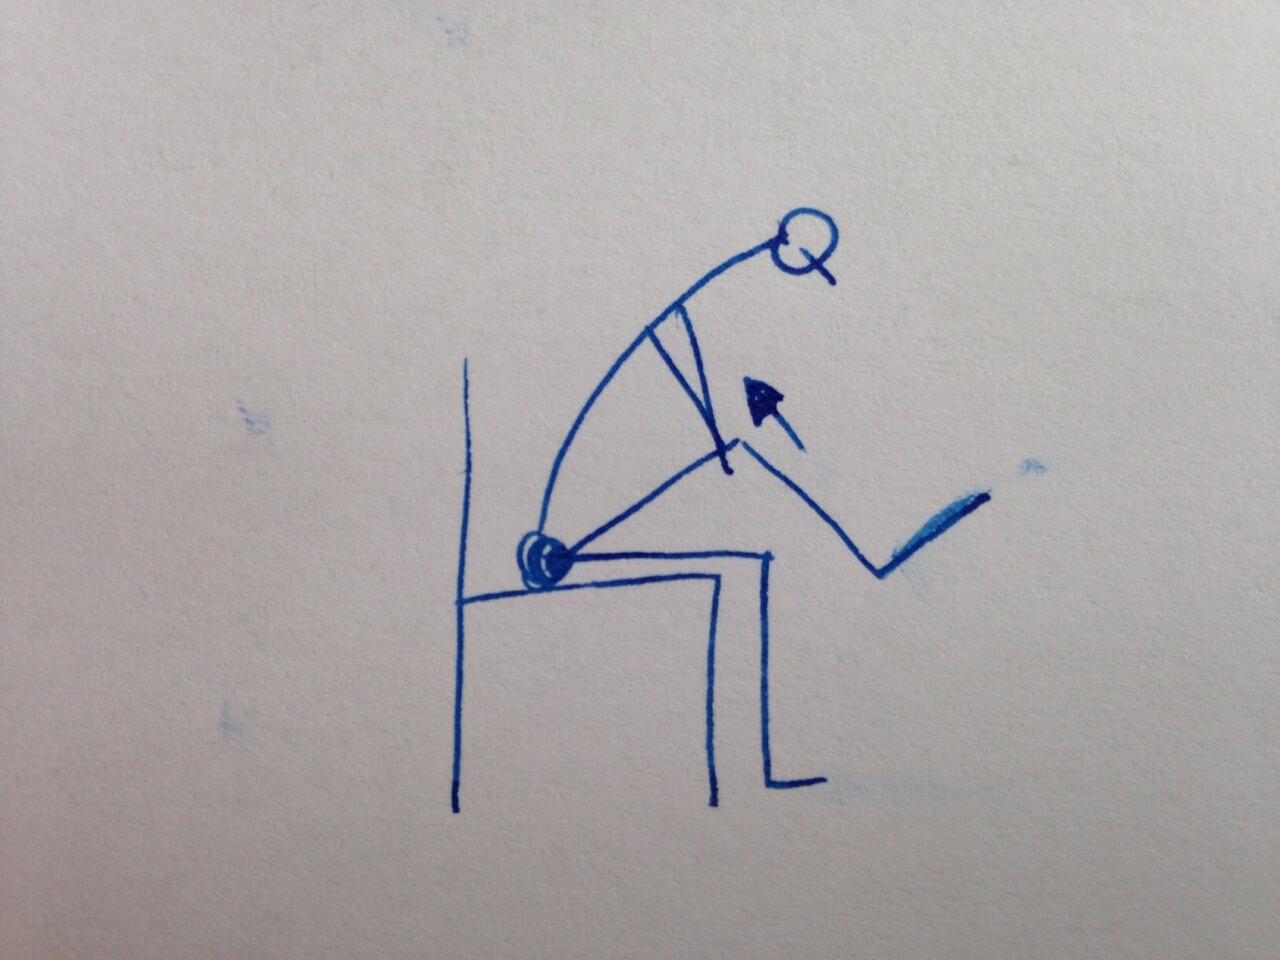 Im Sitzen ein Knie zum Oberkörper ziehen, sodass der untere Rücken eine Dehnung erfährt